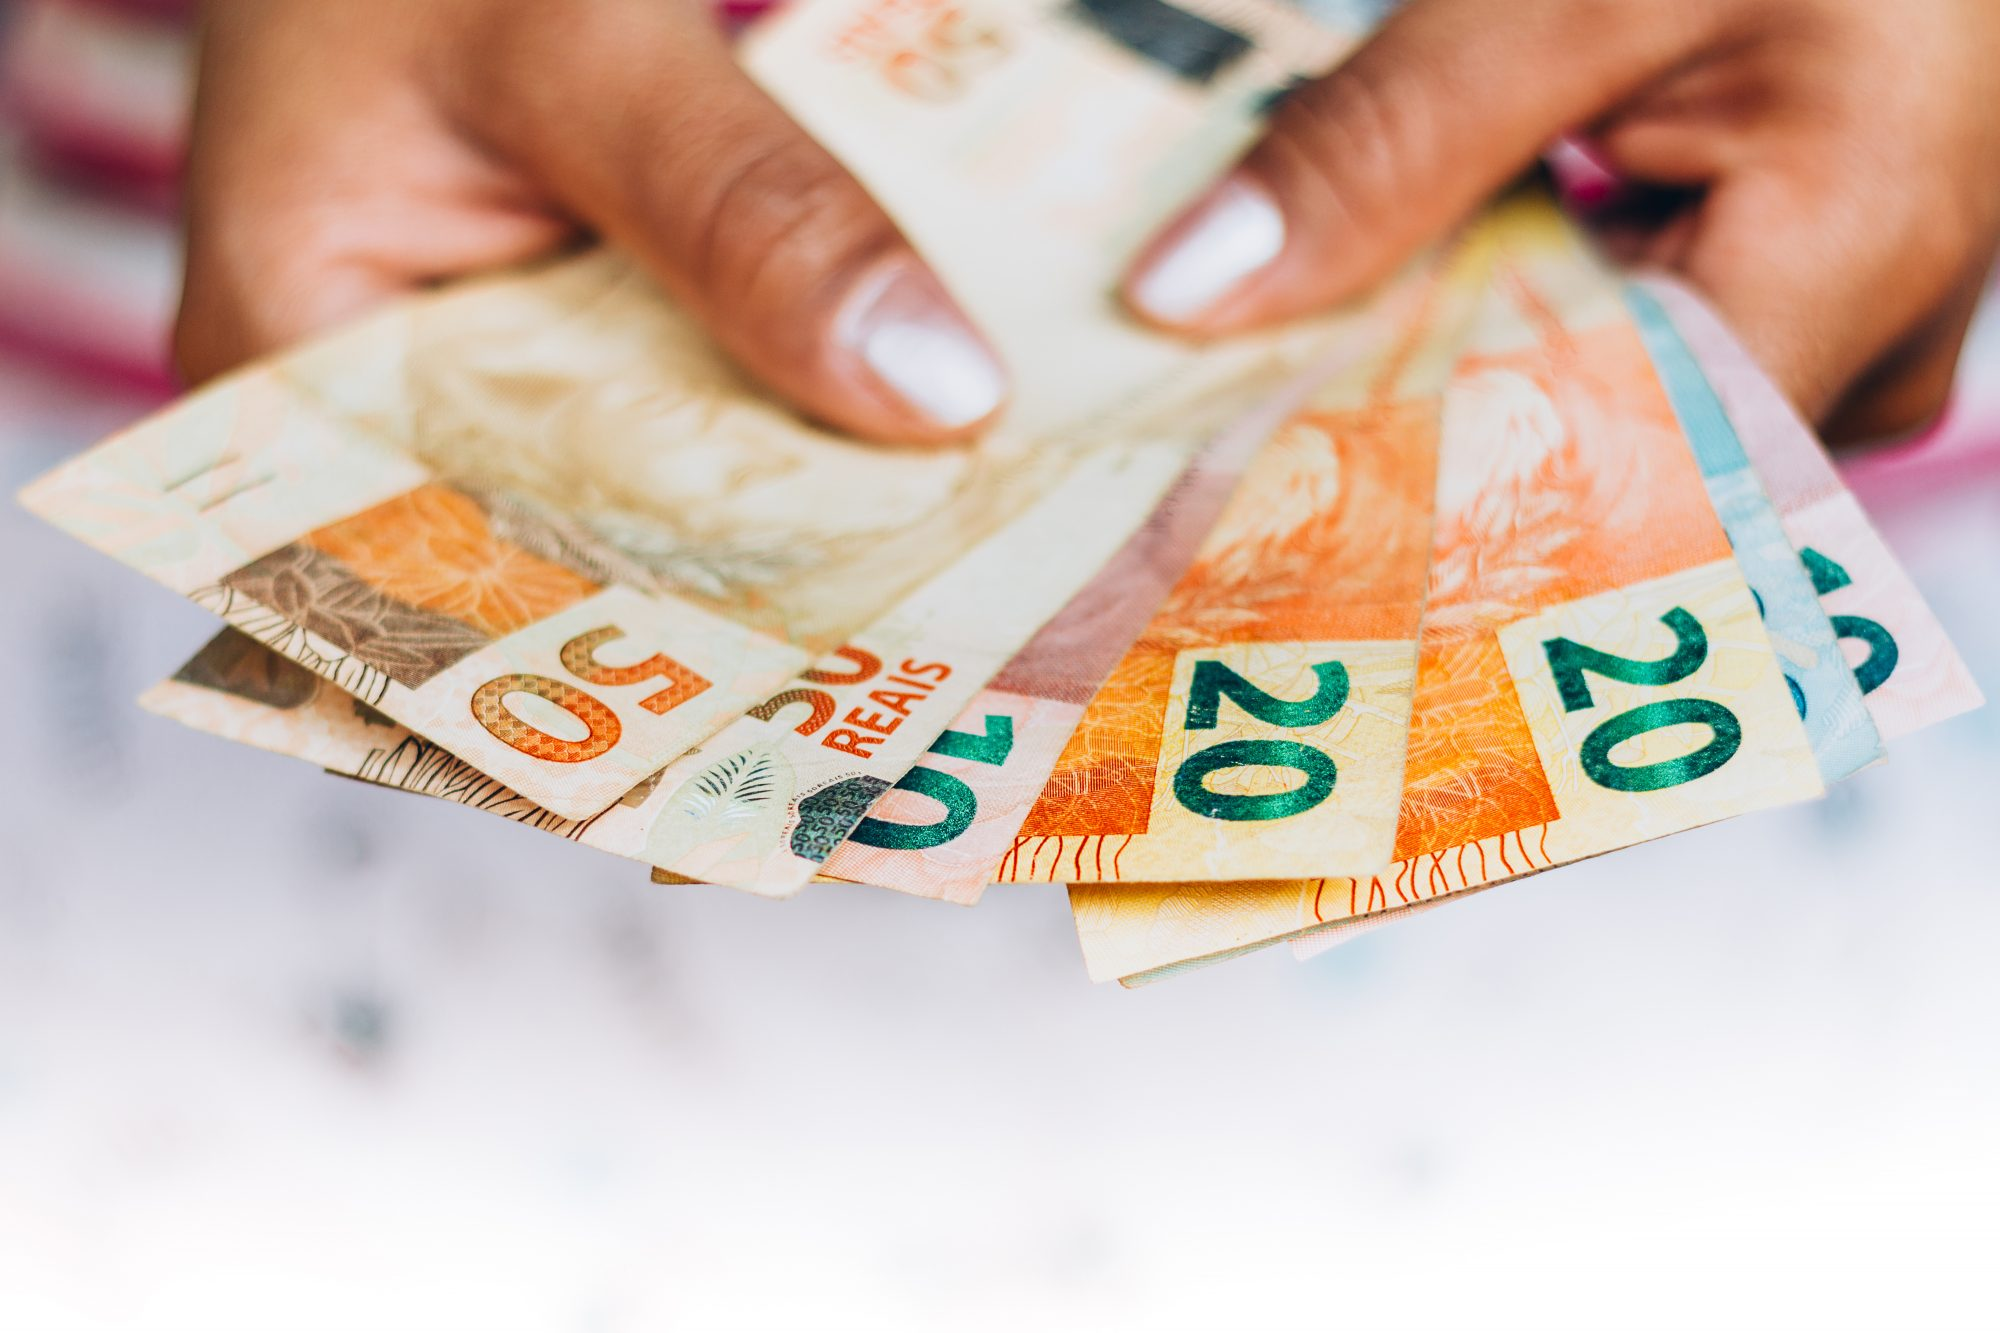 13º salário de trabalhadores que tiveram salário reduzido deve ser pago de forma integral, segundo Ministério da Economia